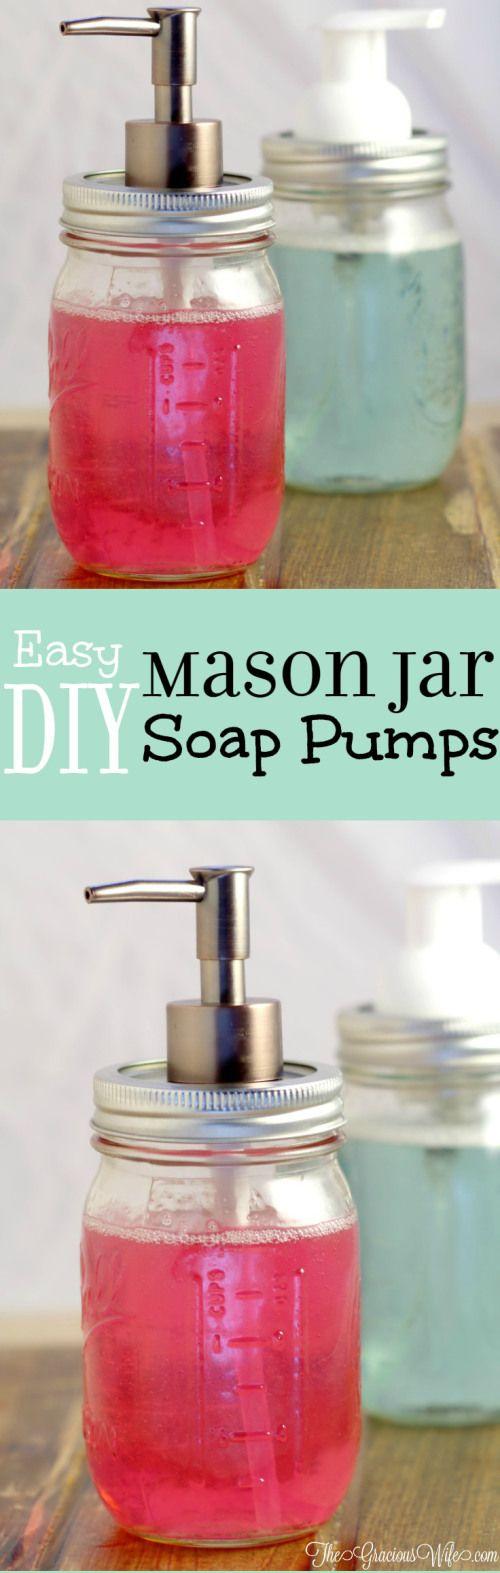 Easy DIY Mason Jar Soap Pumps - an easy DIY craft using mason jars.…